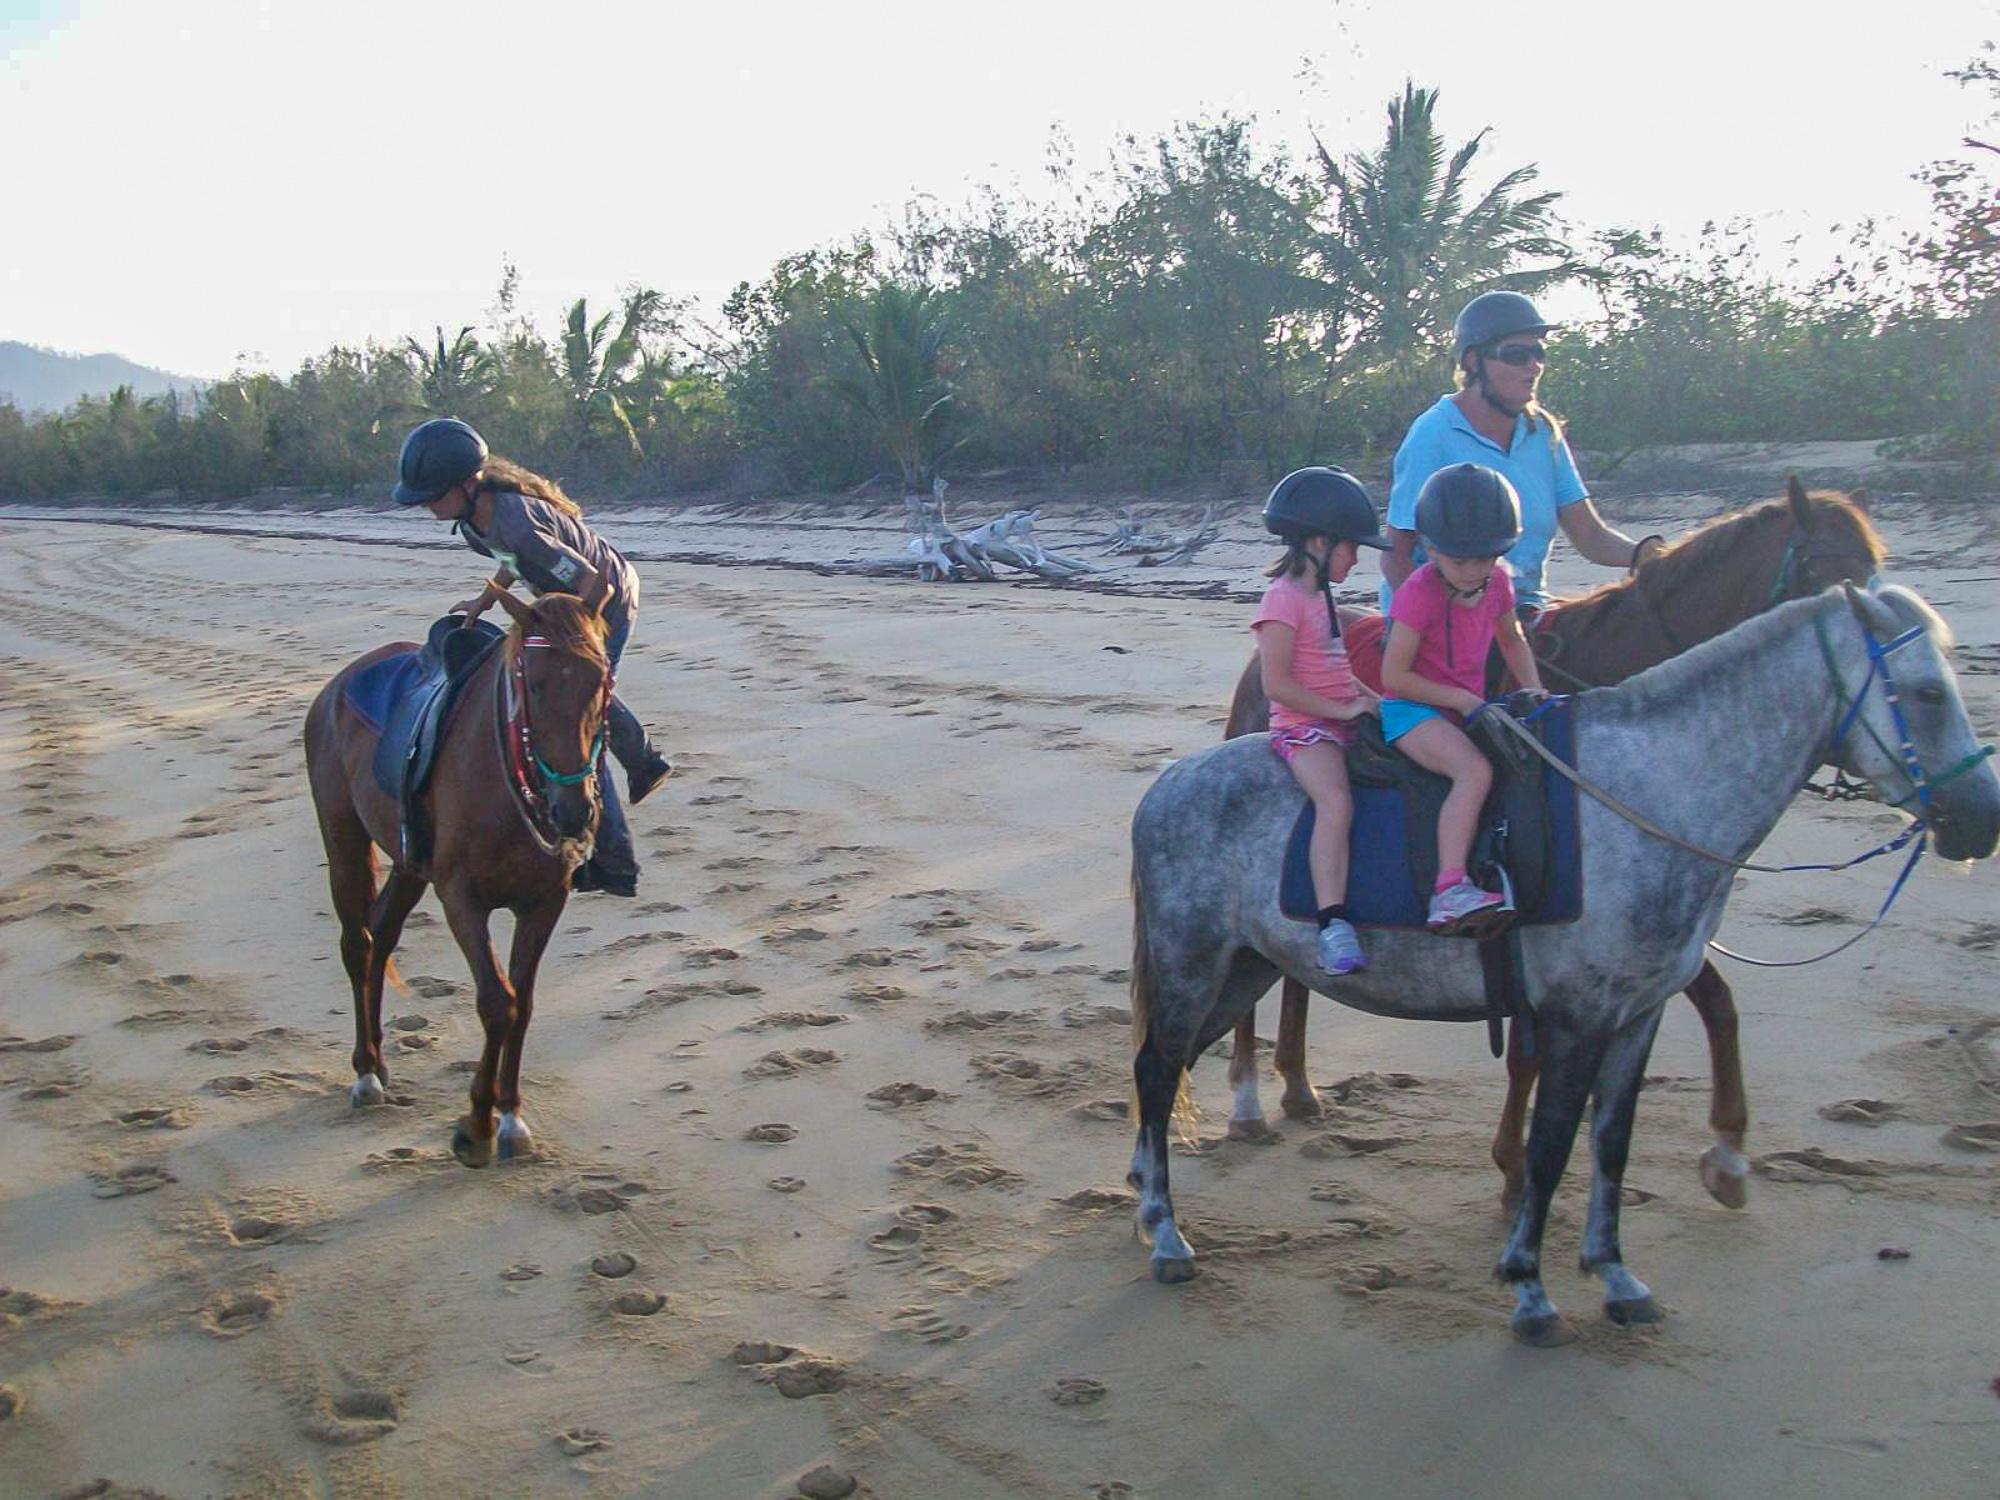 beach-horse-riding-1